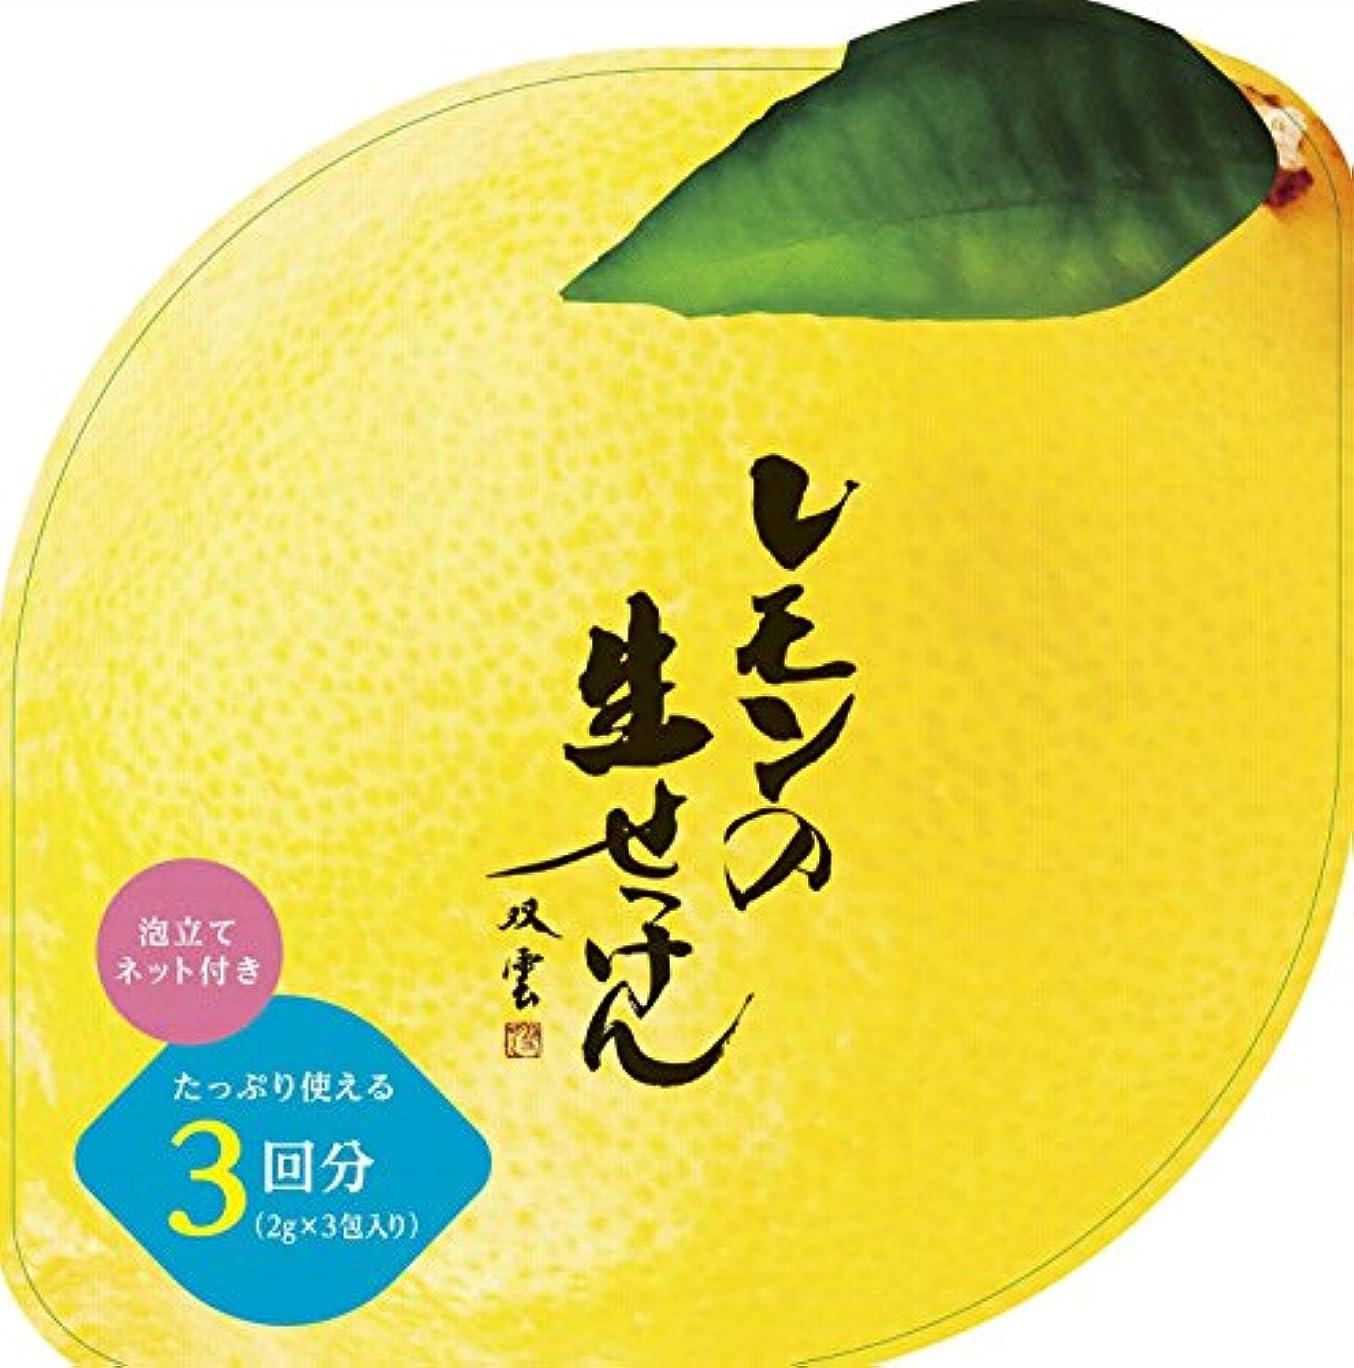 次ファンシーアドバンテージ美香柑 レモンの生せっけん 2g×3包入